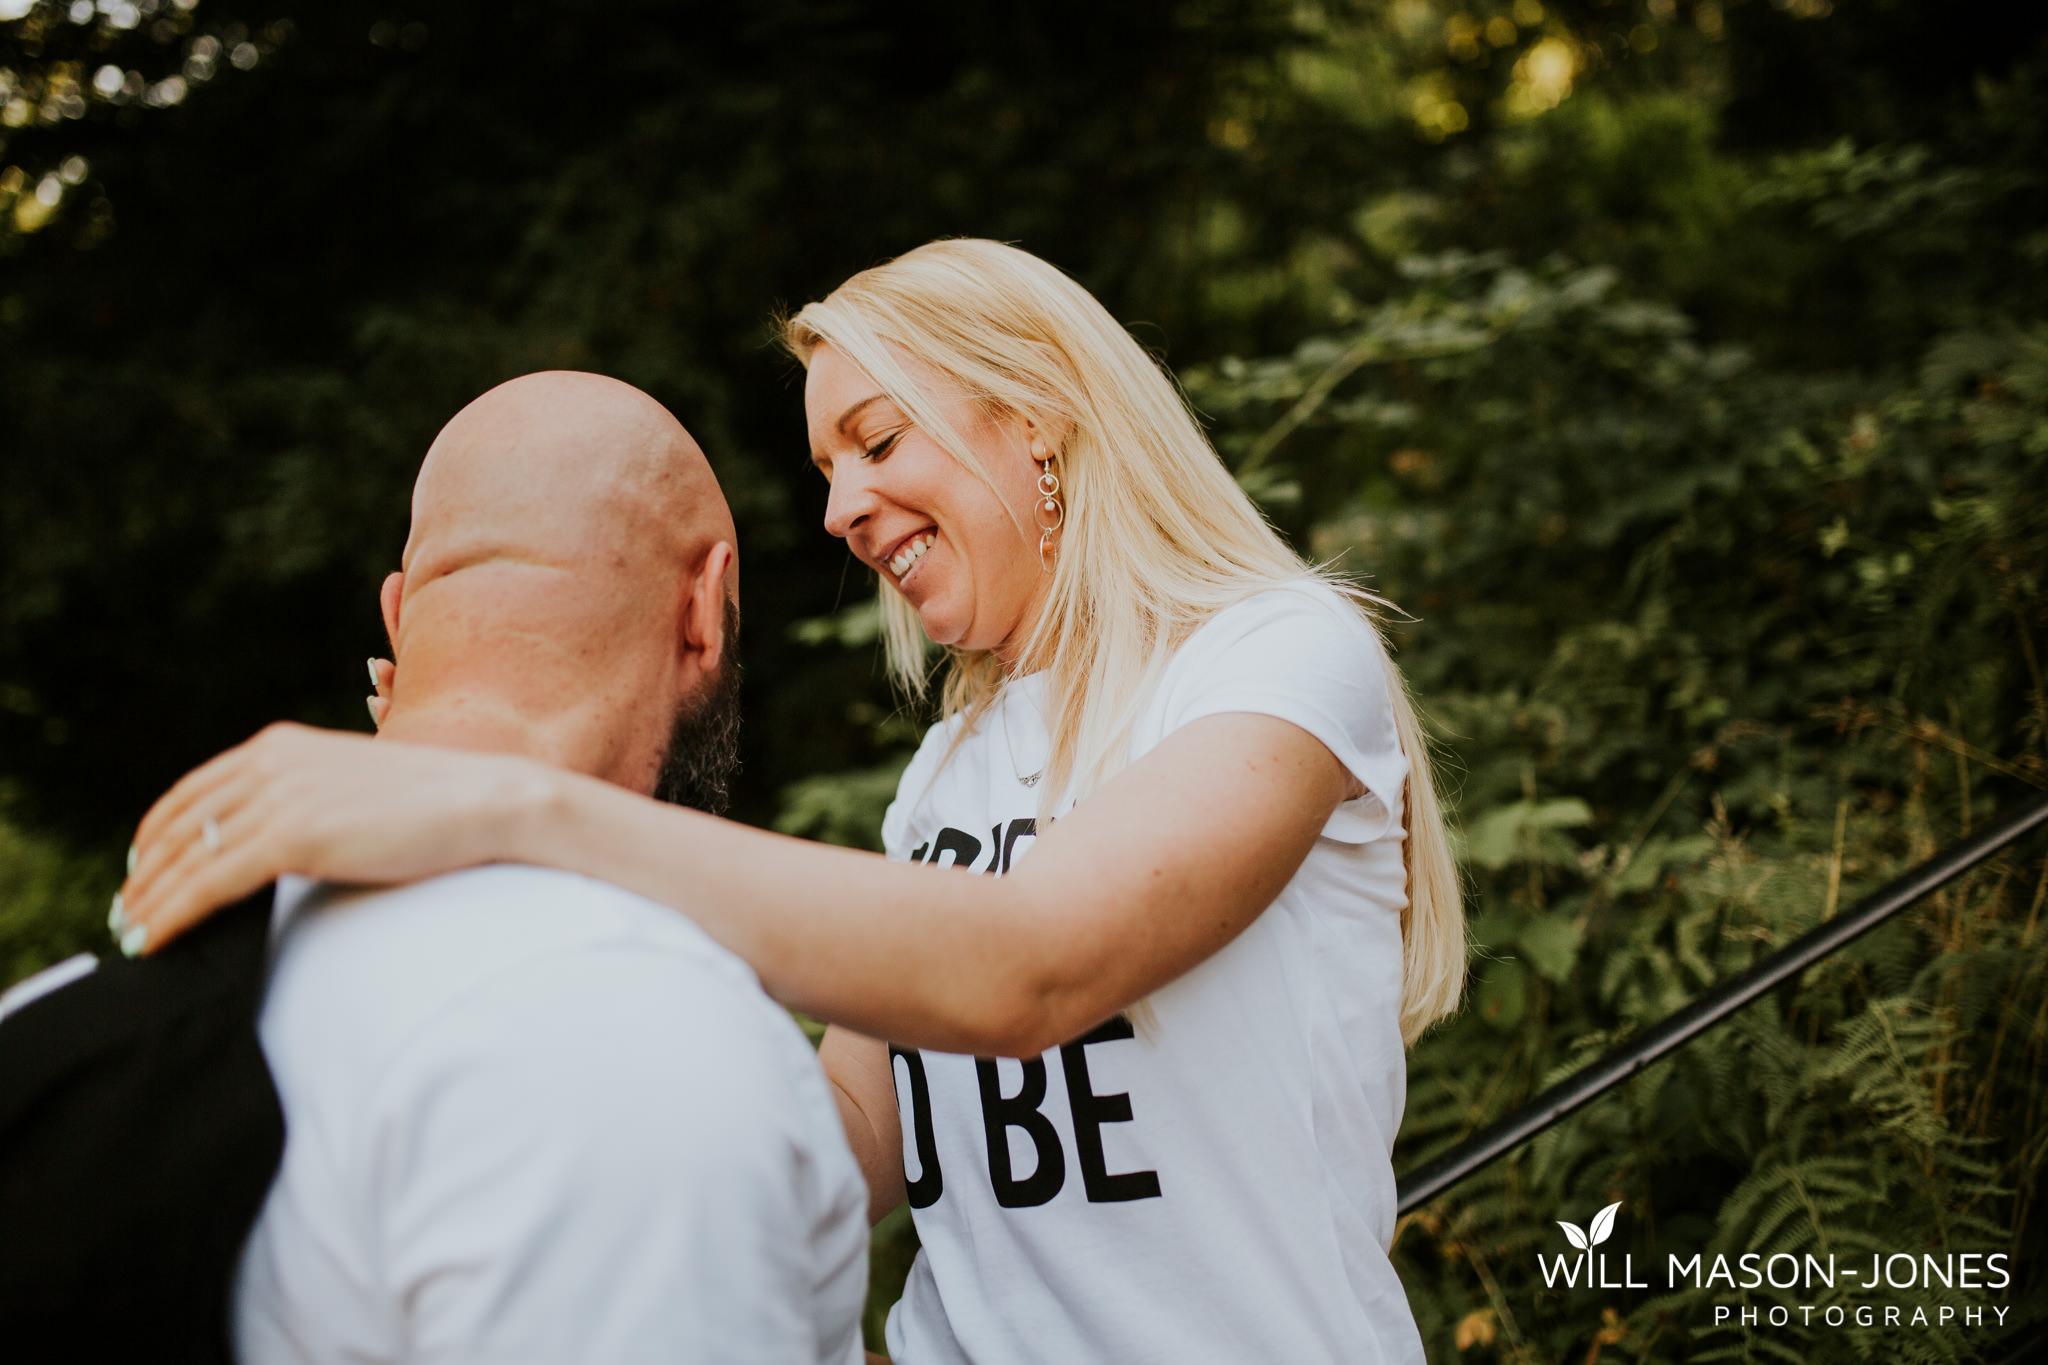 penllegaer-woods-couple-engagement-photographer-swansea-92.jpg